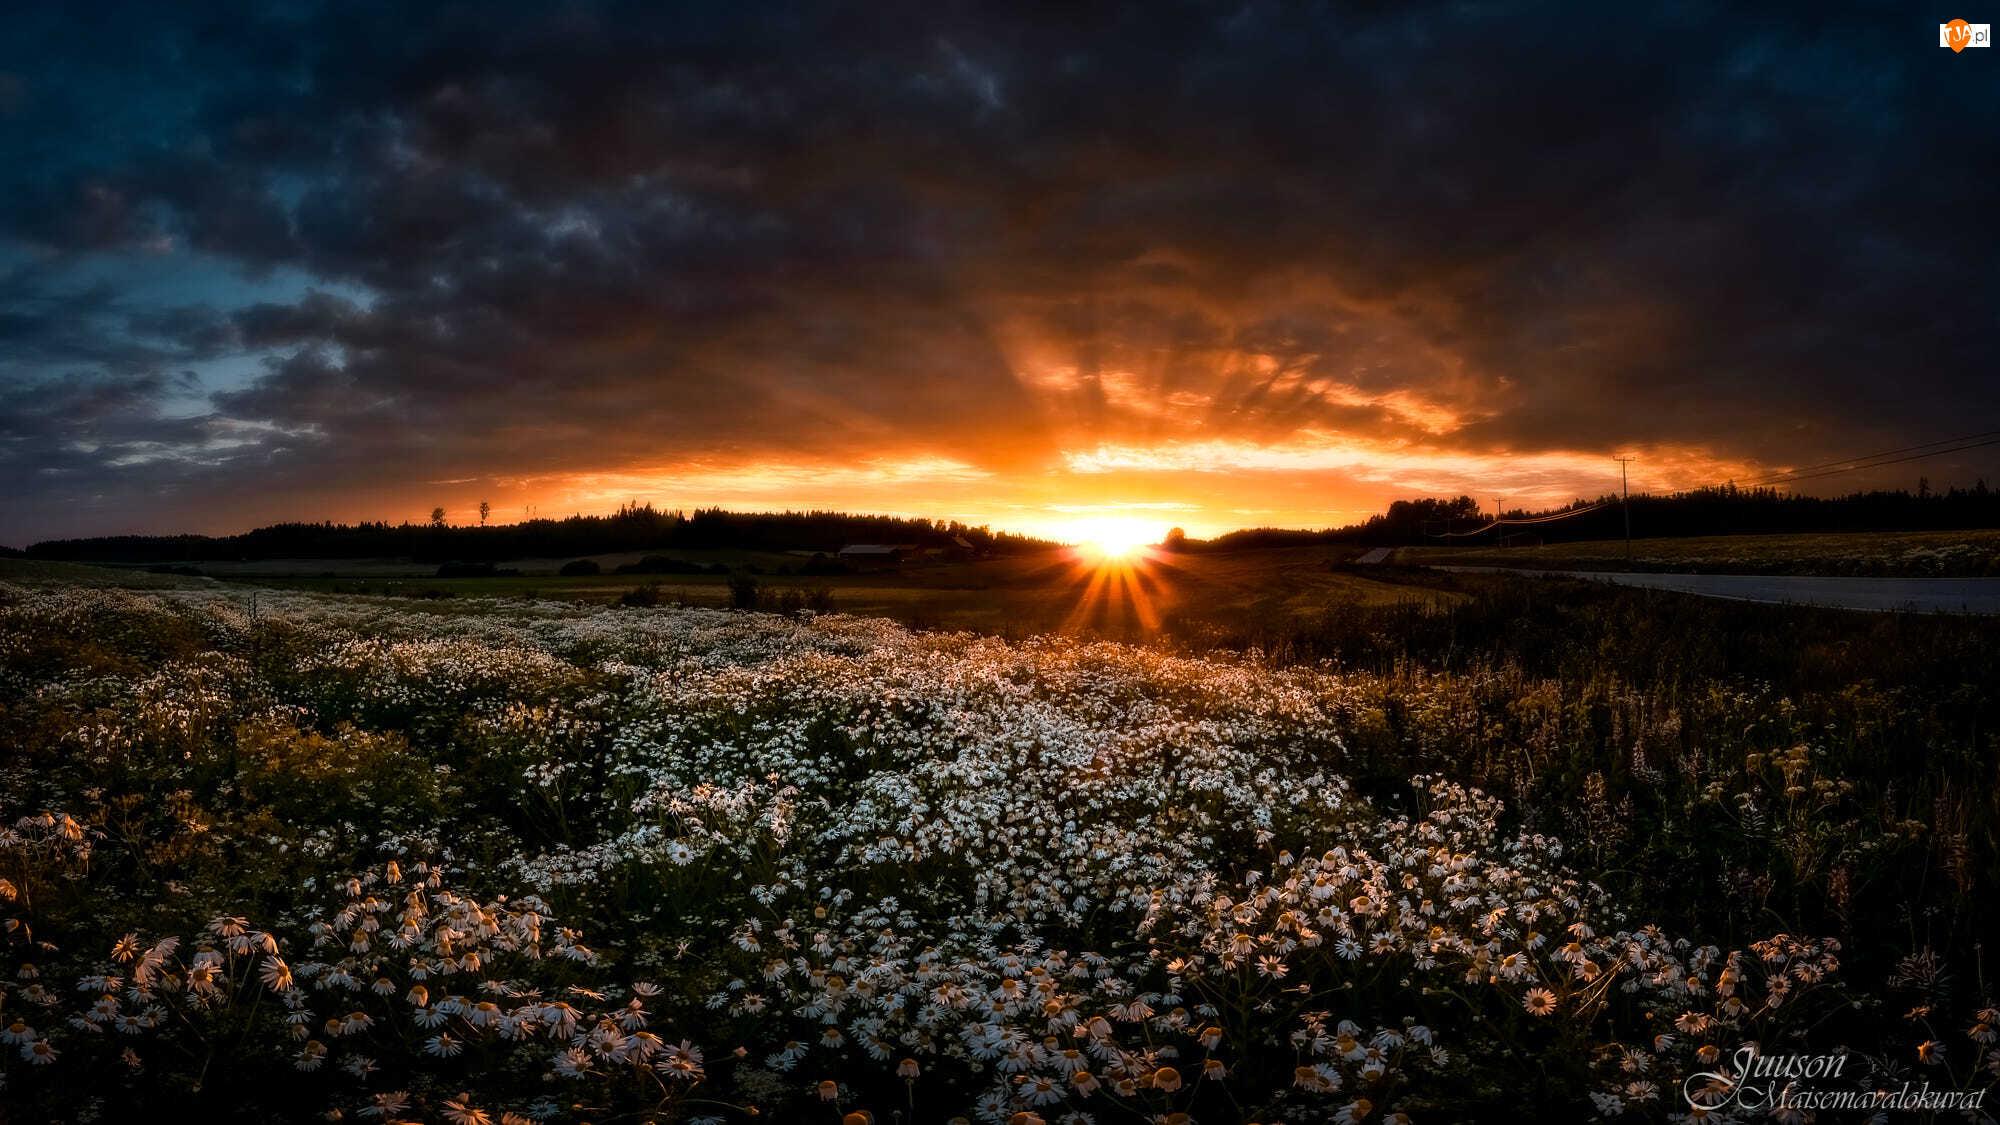 Ciemne, Zachód słońca, Łąka, Rumianek, Chmury, Kwiaty